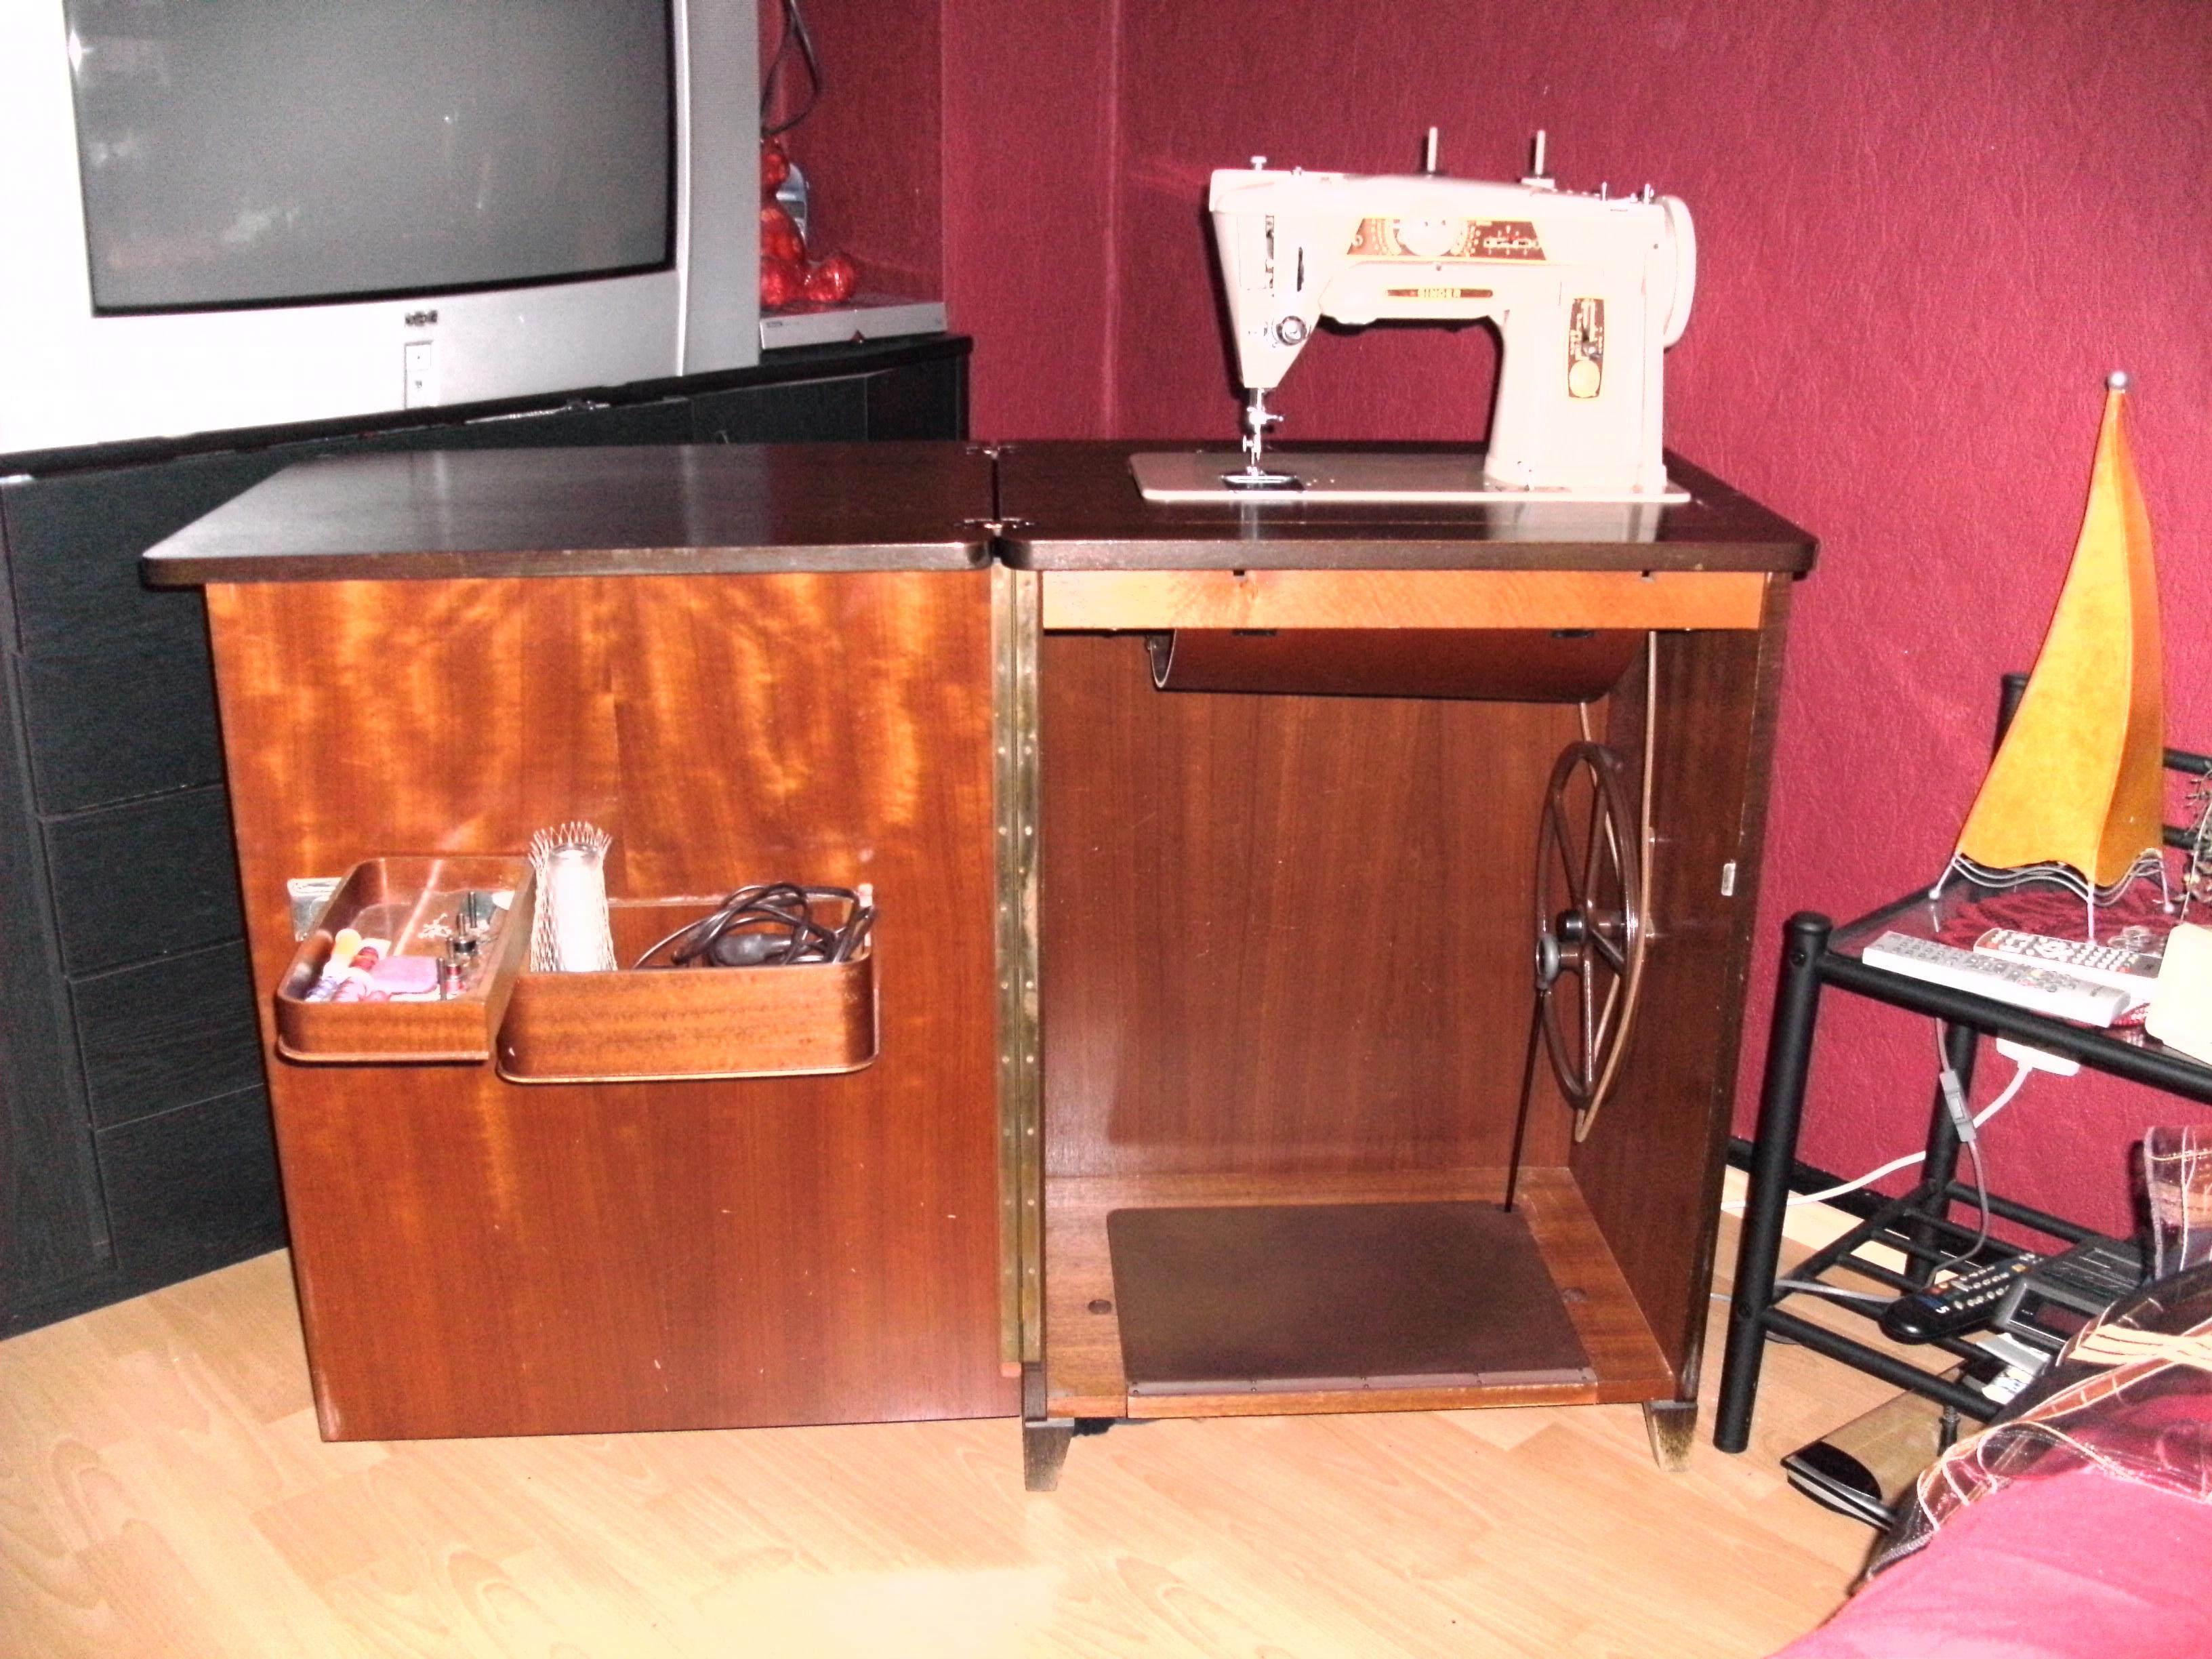 kostenlose n hmaschine kleinanzeigen. Black Bedroom Furniture Sets. Home Design Ideas